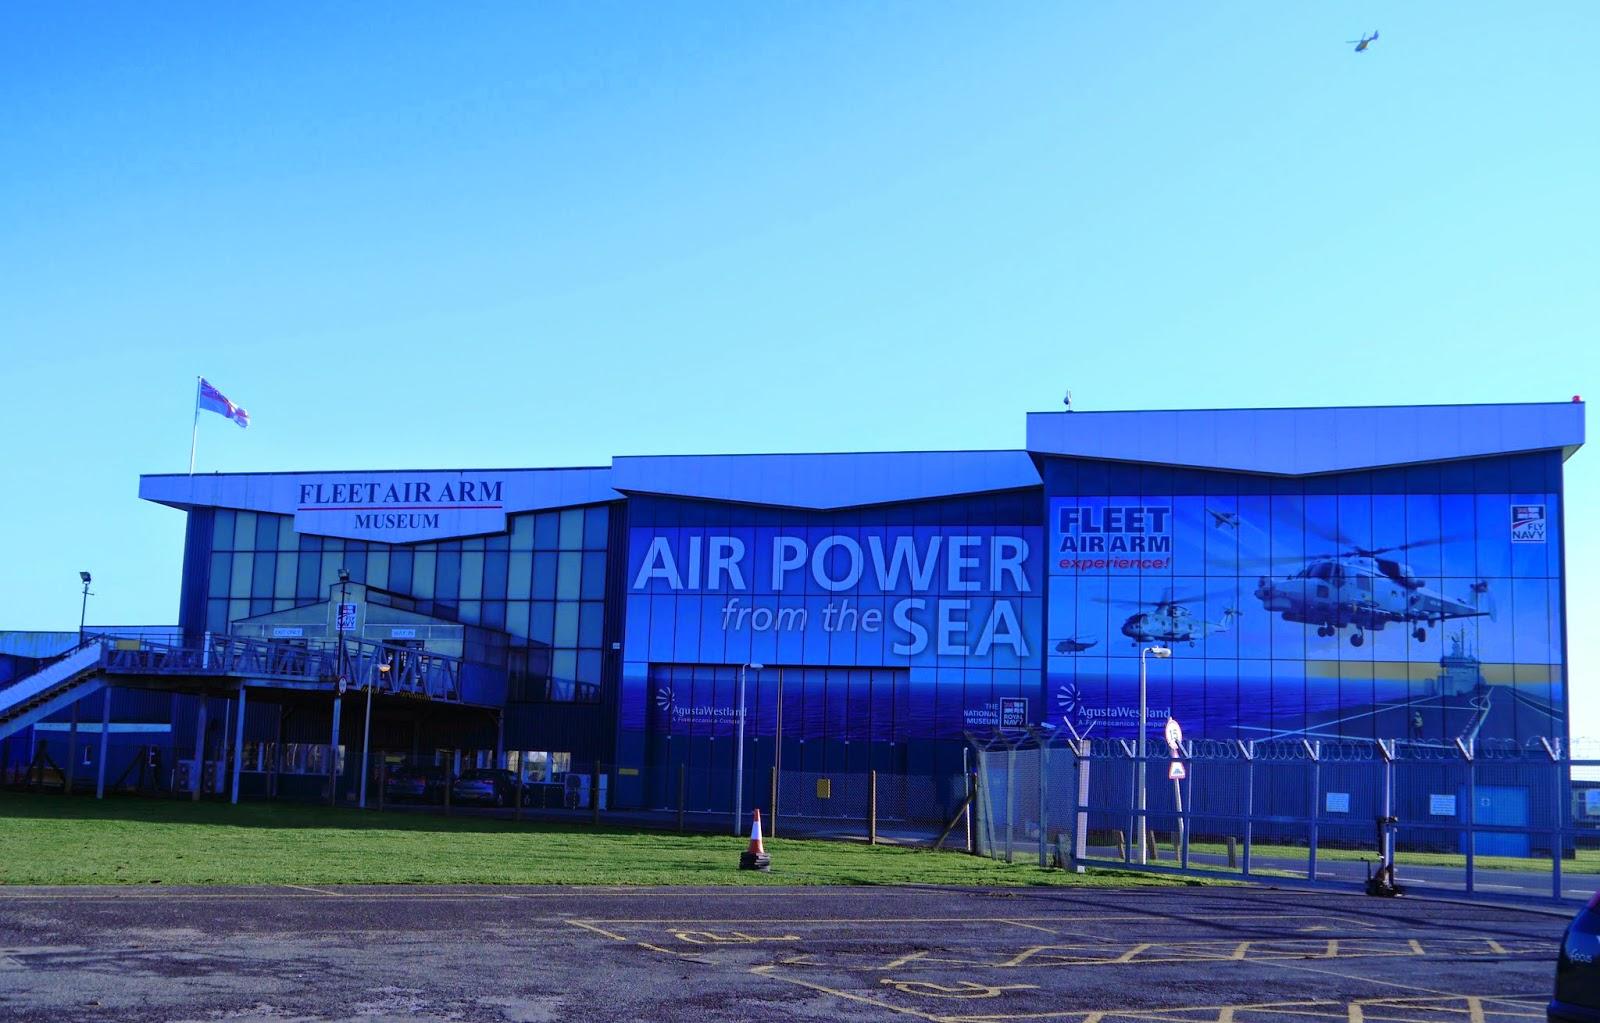 Fleet Air Arm Museum, Somerset